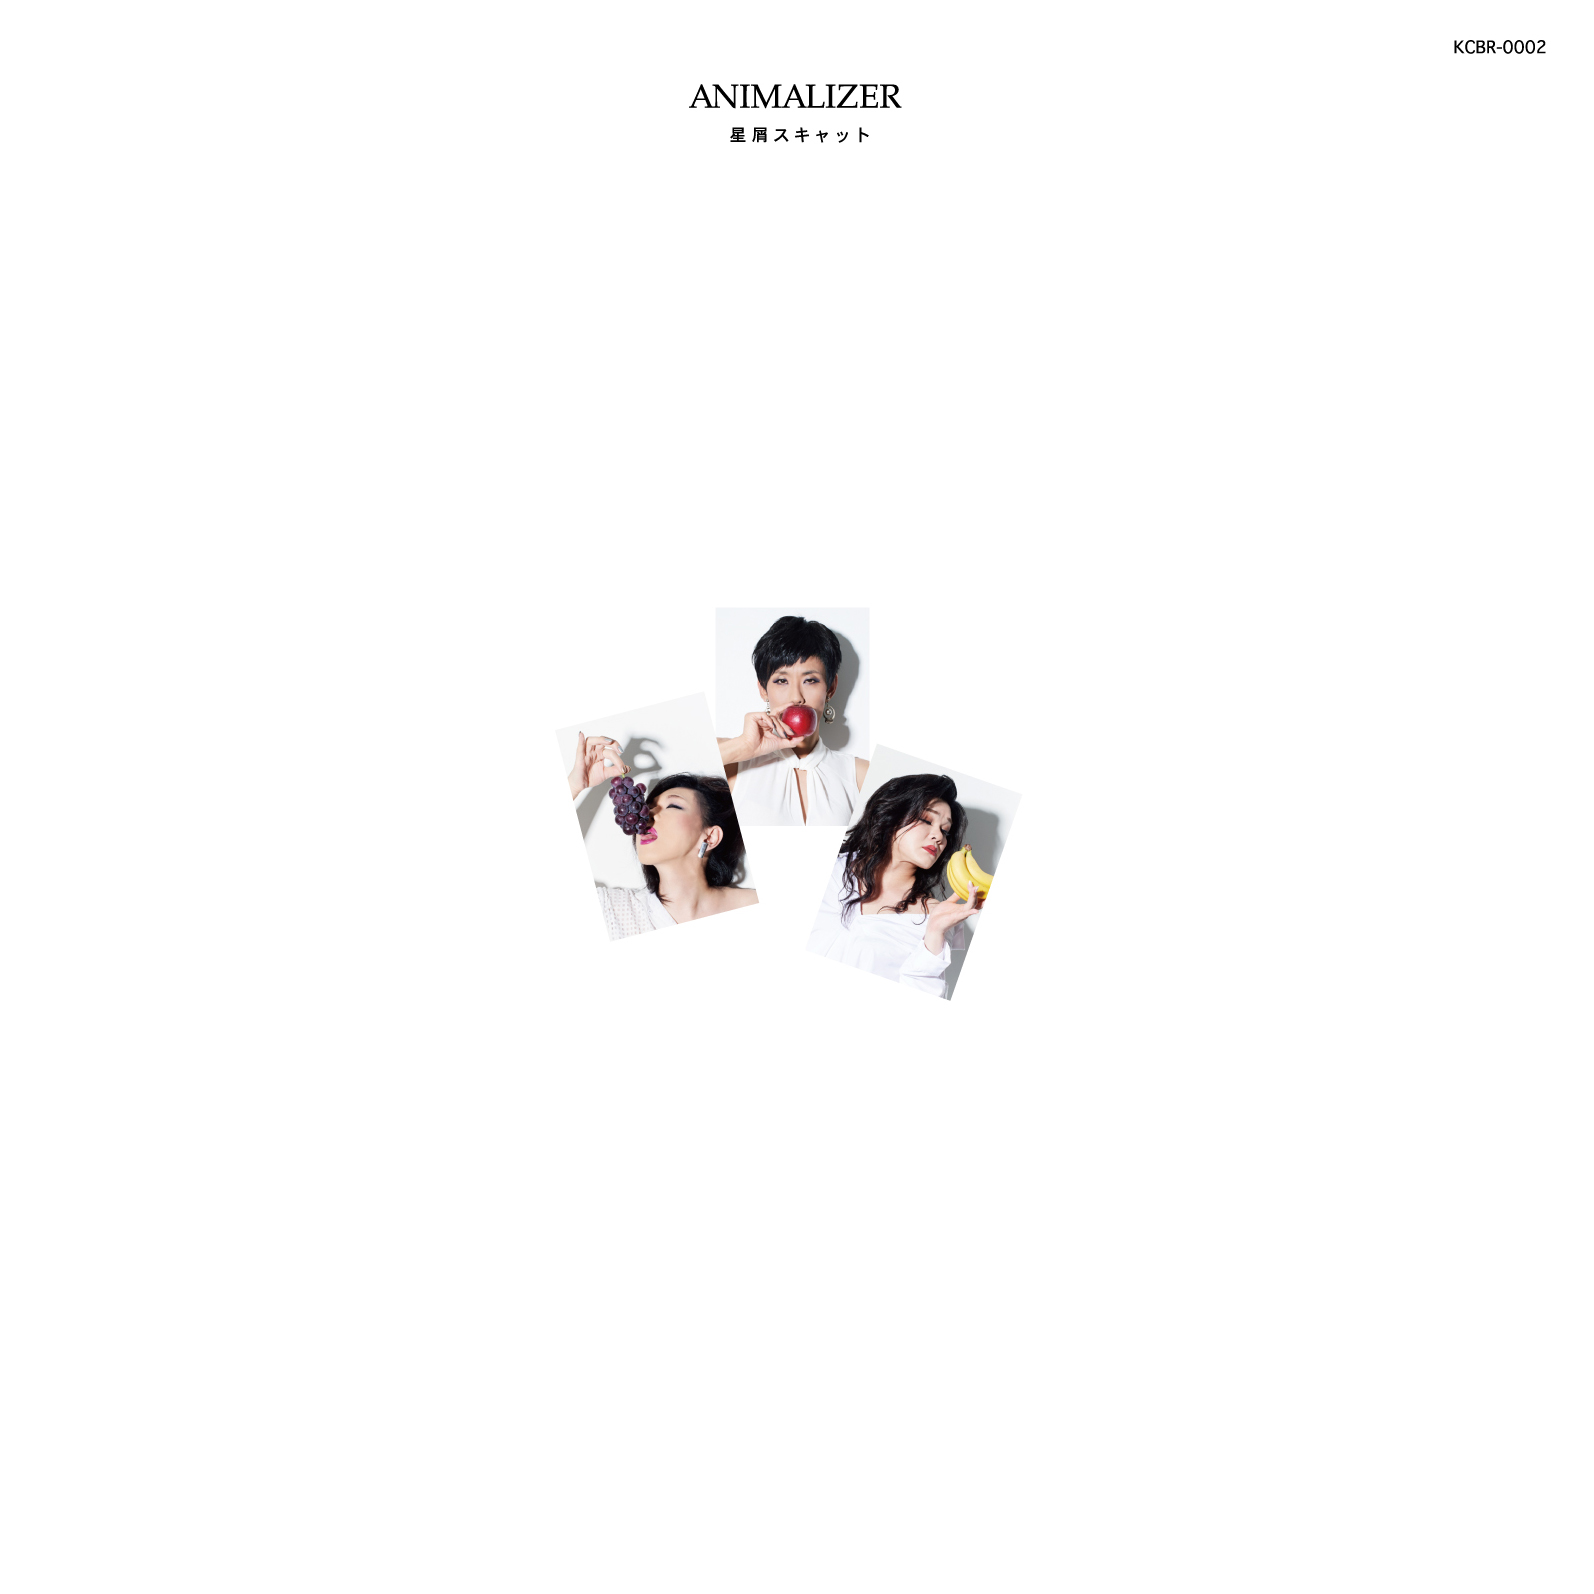 【リリース情報】5th NEW SINGLE『ANIMALIZER』12/13発売決定!